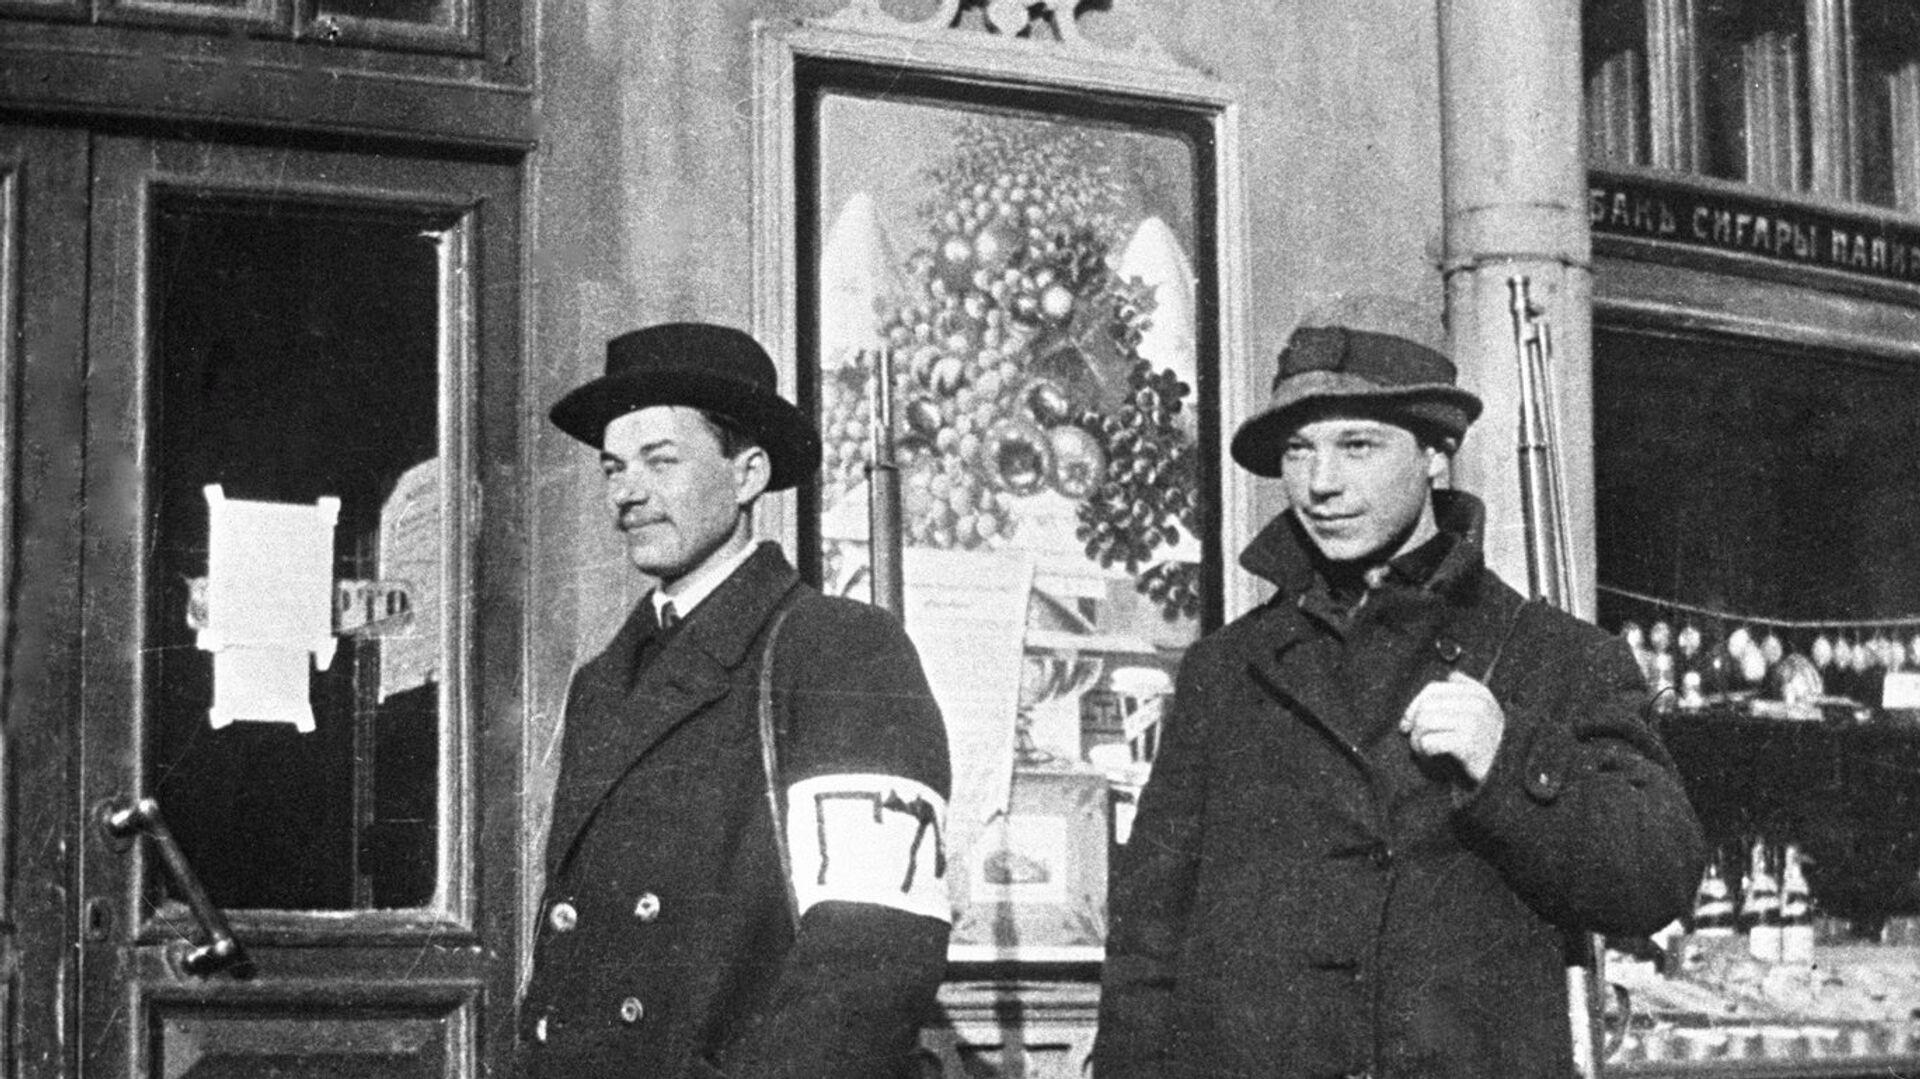 Сотрудники городской милиции на Каменноостровском проспекте в Петрограде - РИА Новости, 1920, 13.02.2021